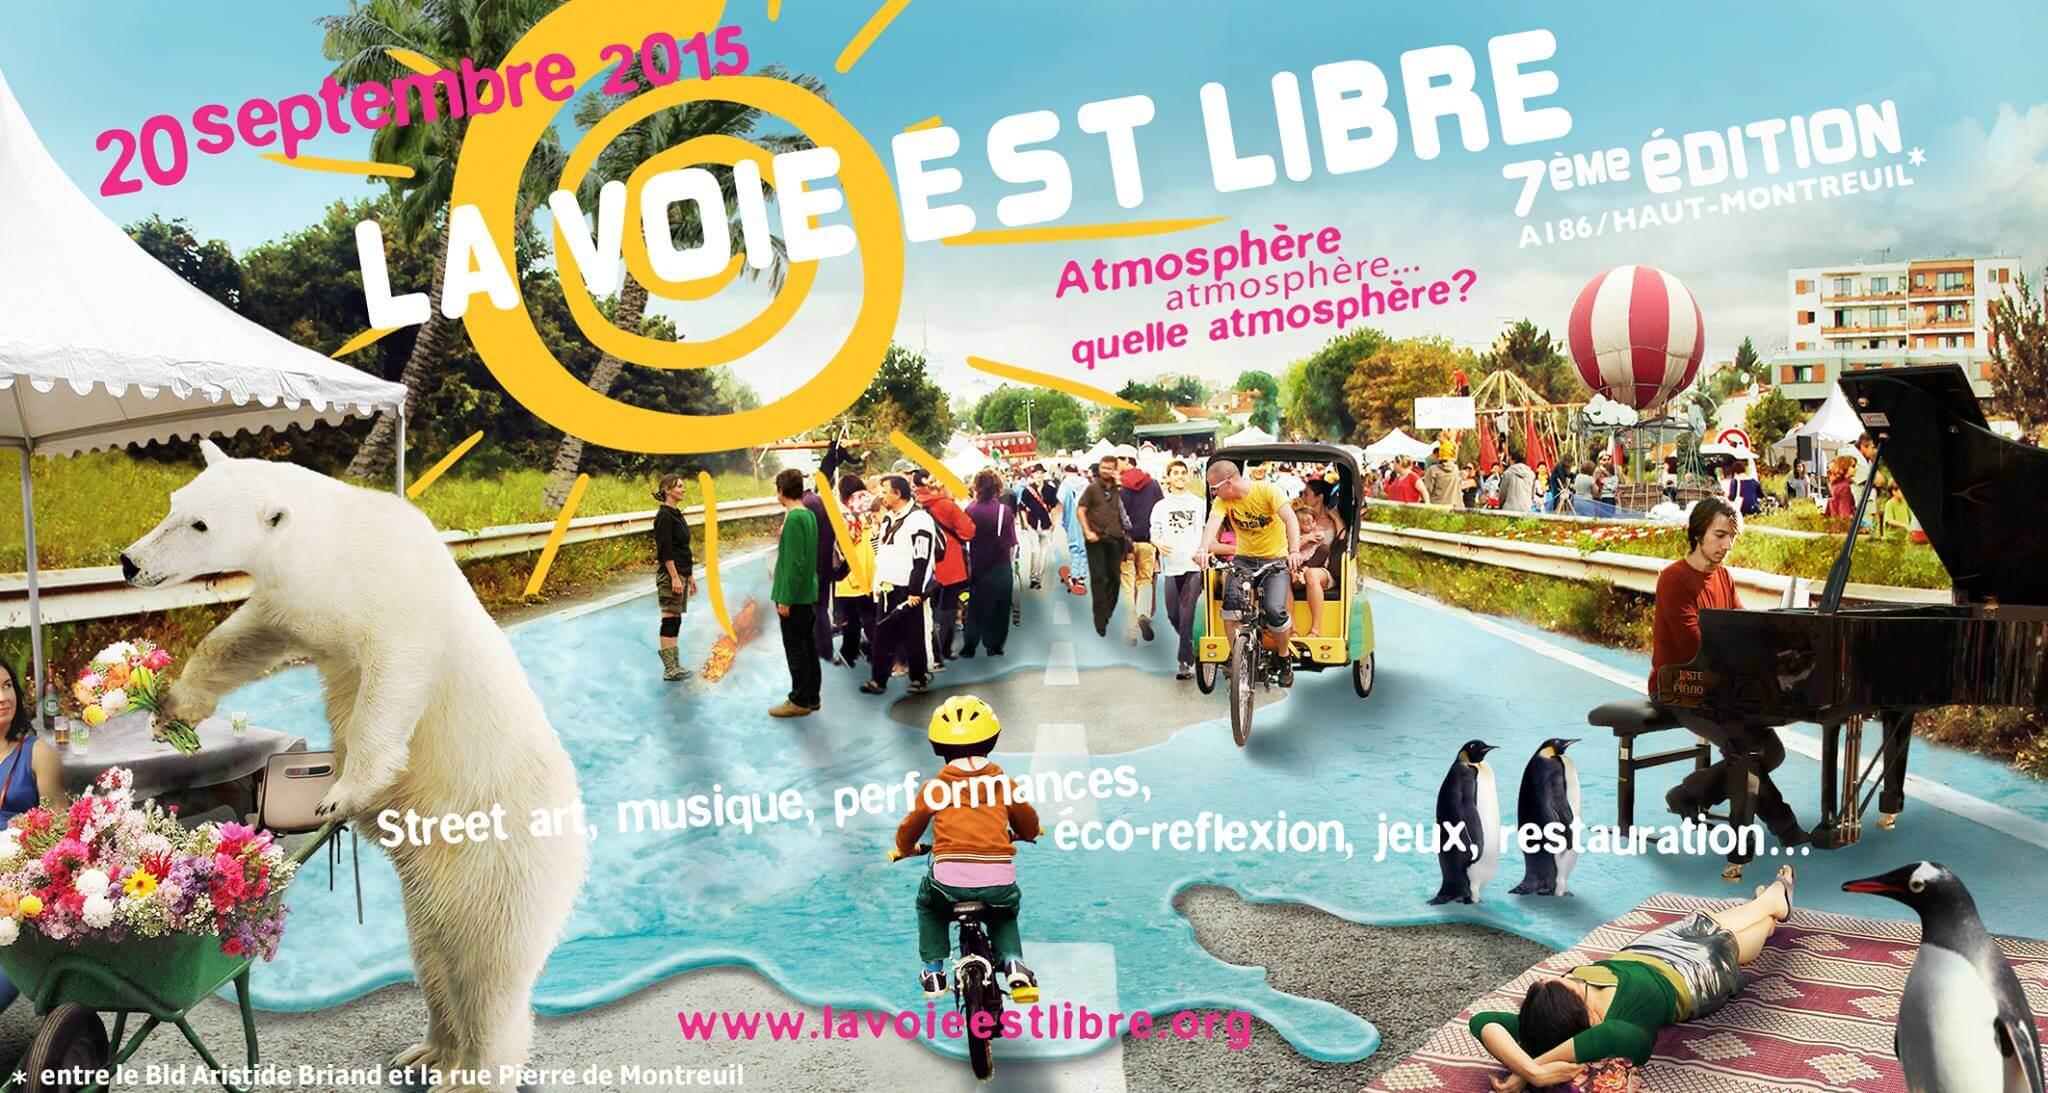 La-Voie-est-Libre-2015